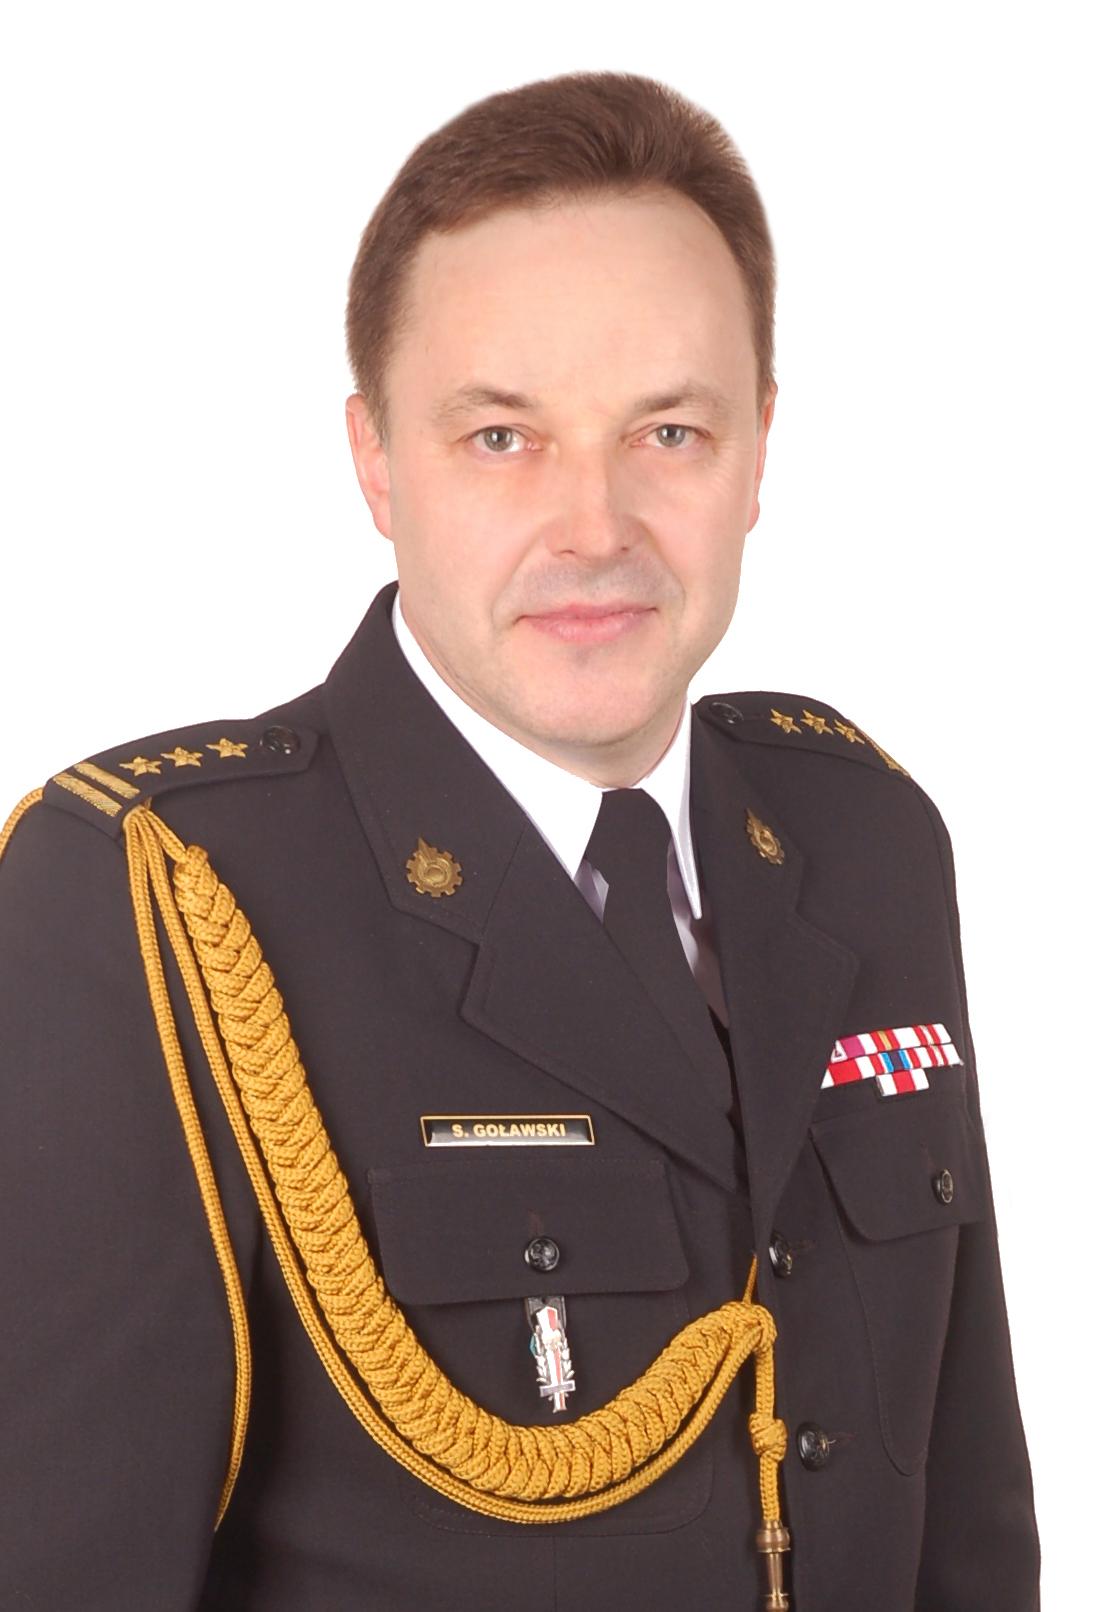 st bryg Szczepan Goławski